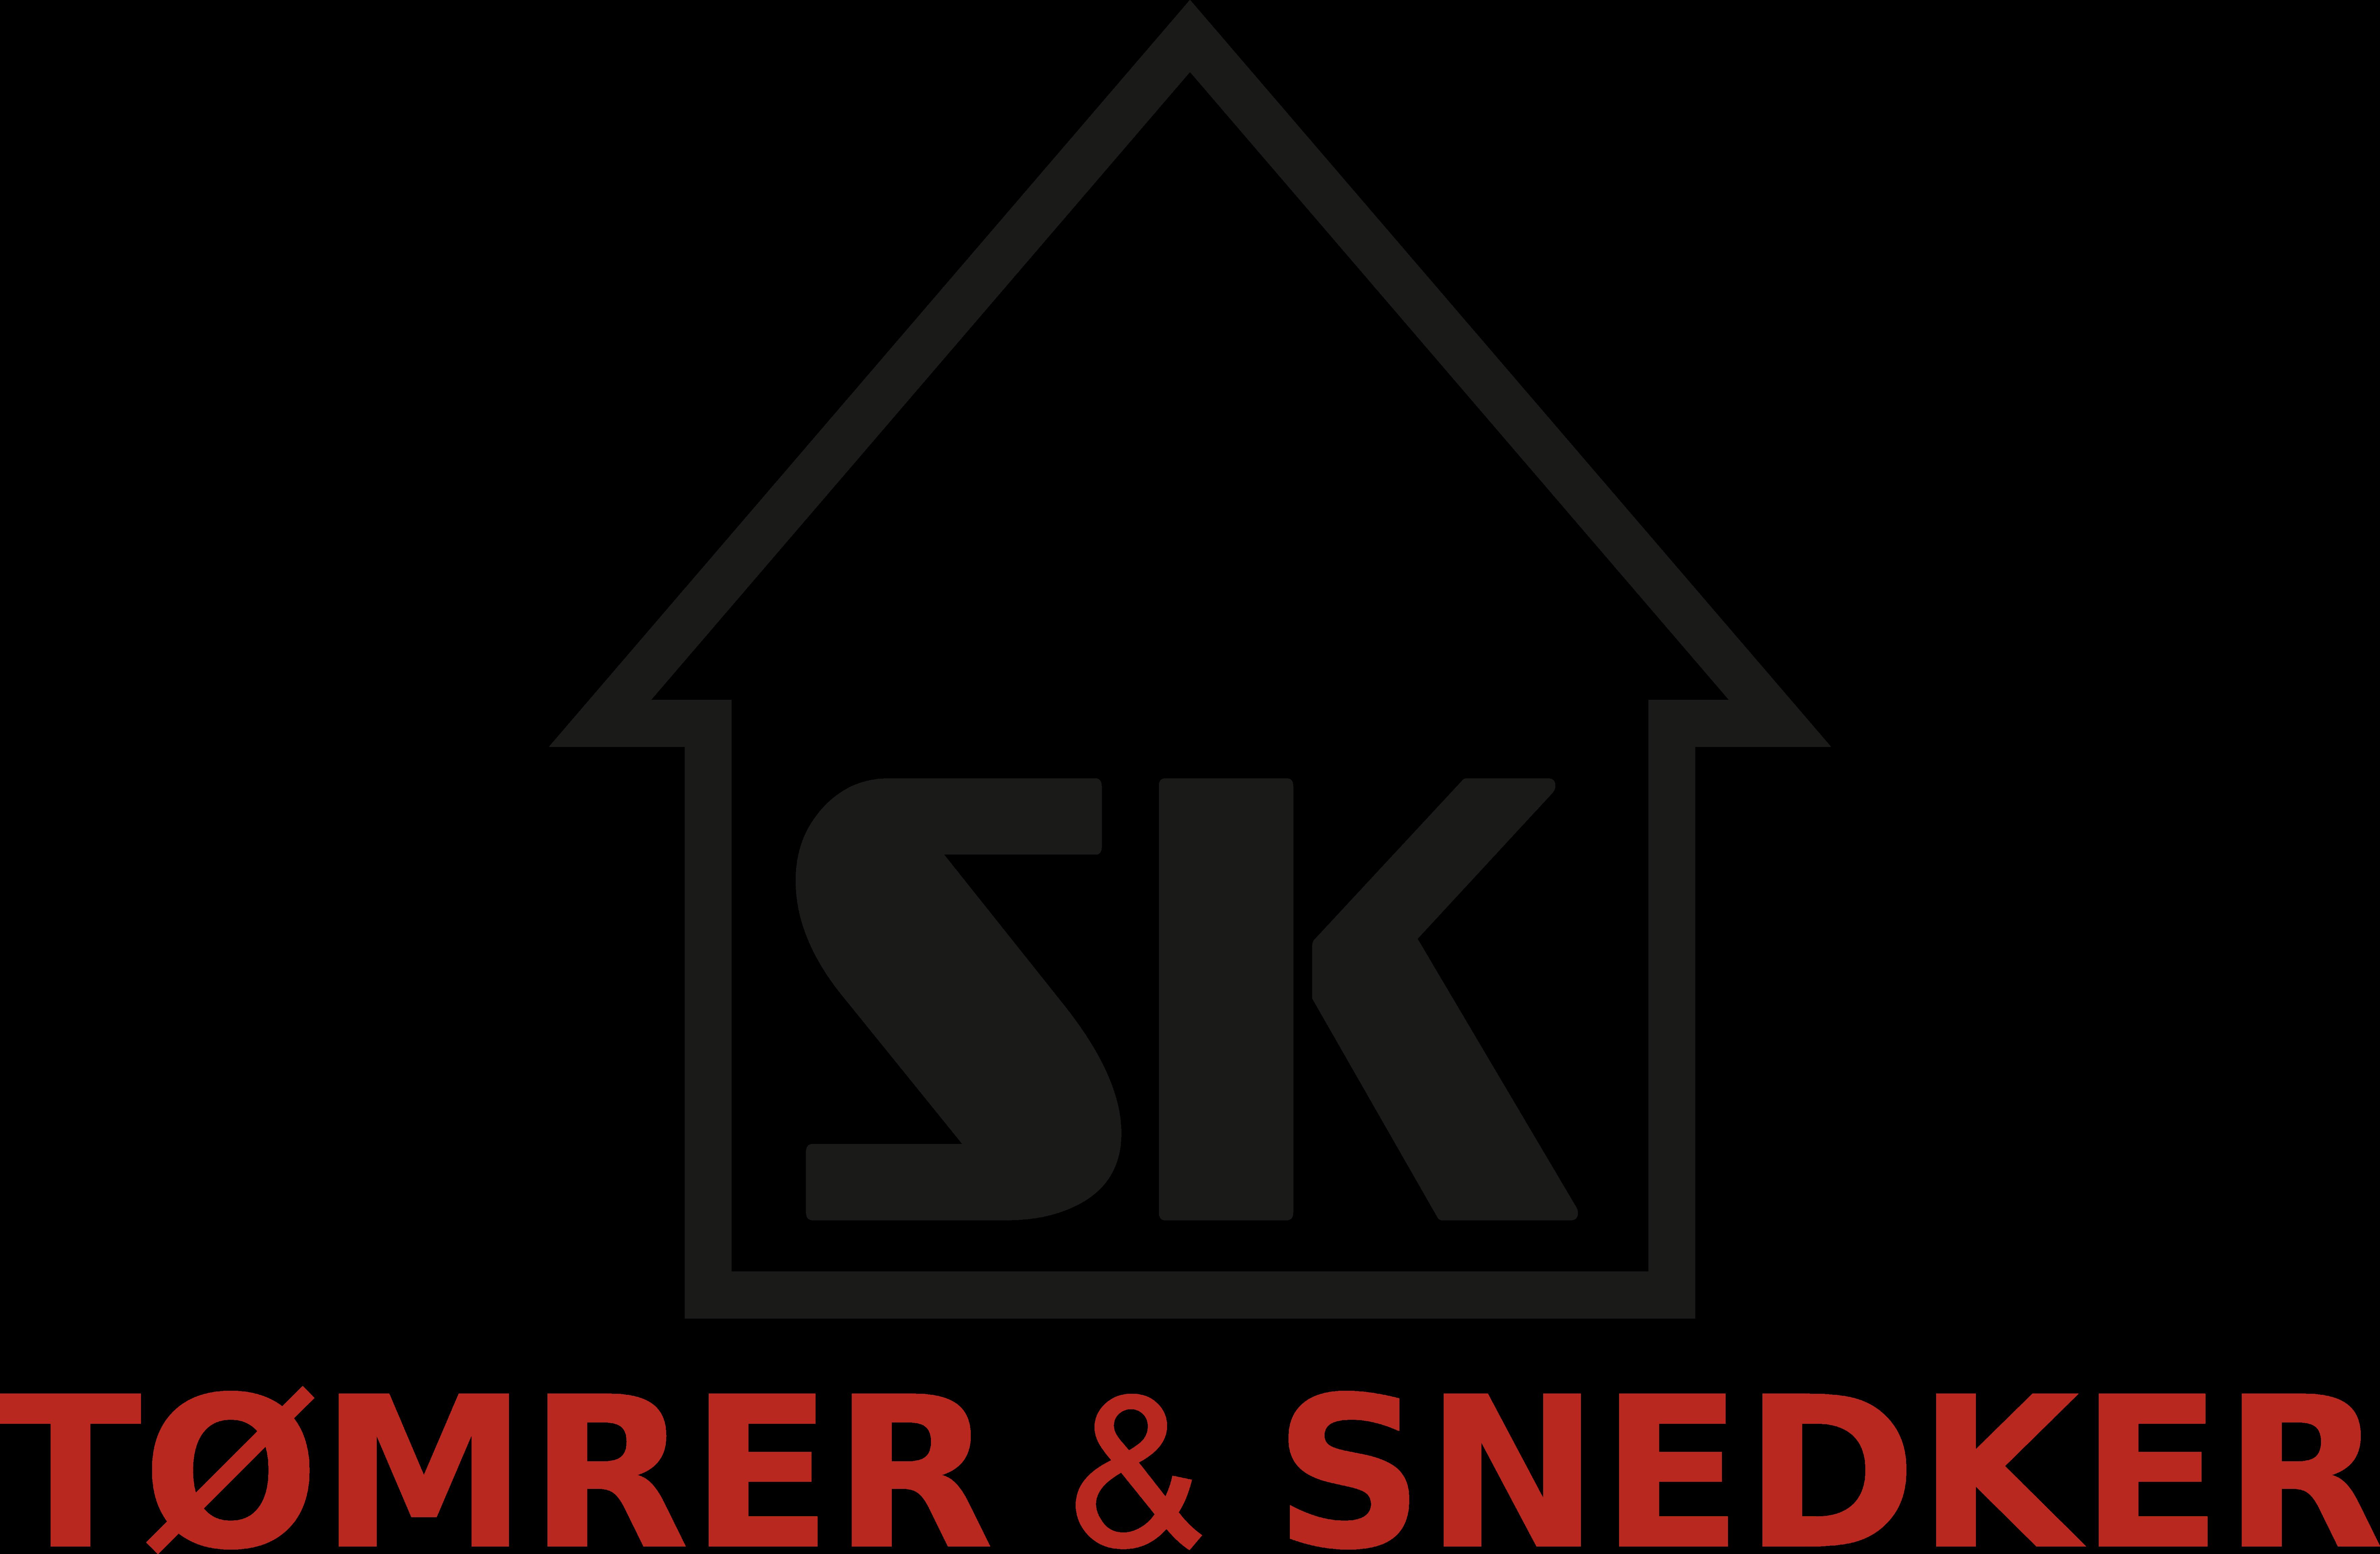 cropped SK Toemrer og Snedker logo 1